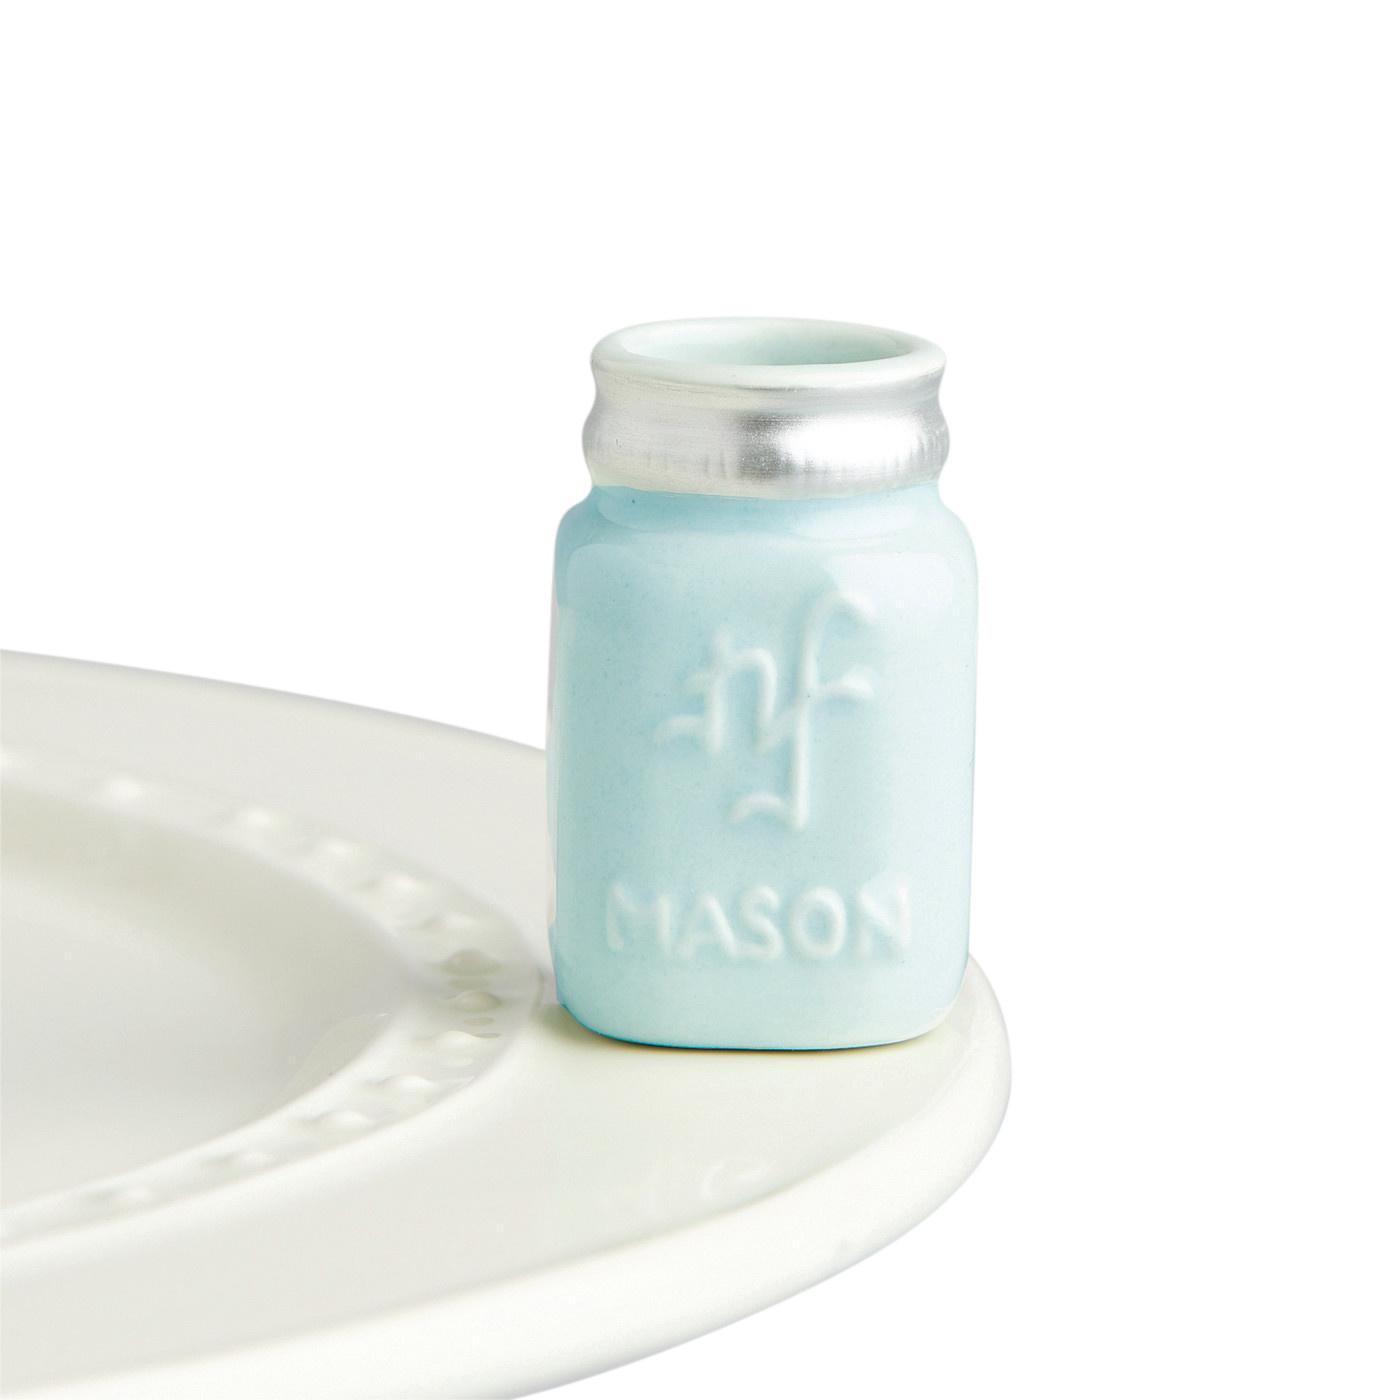 nora fleming you're a-mason! mini